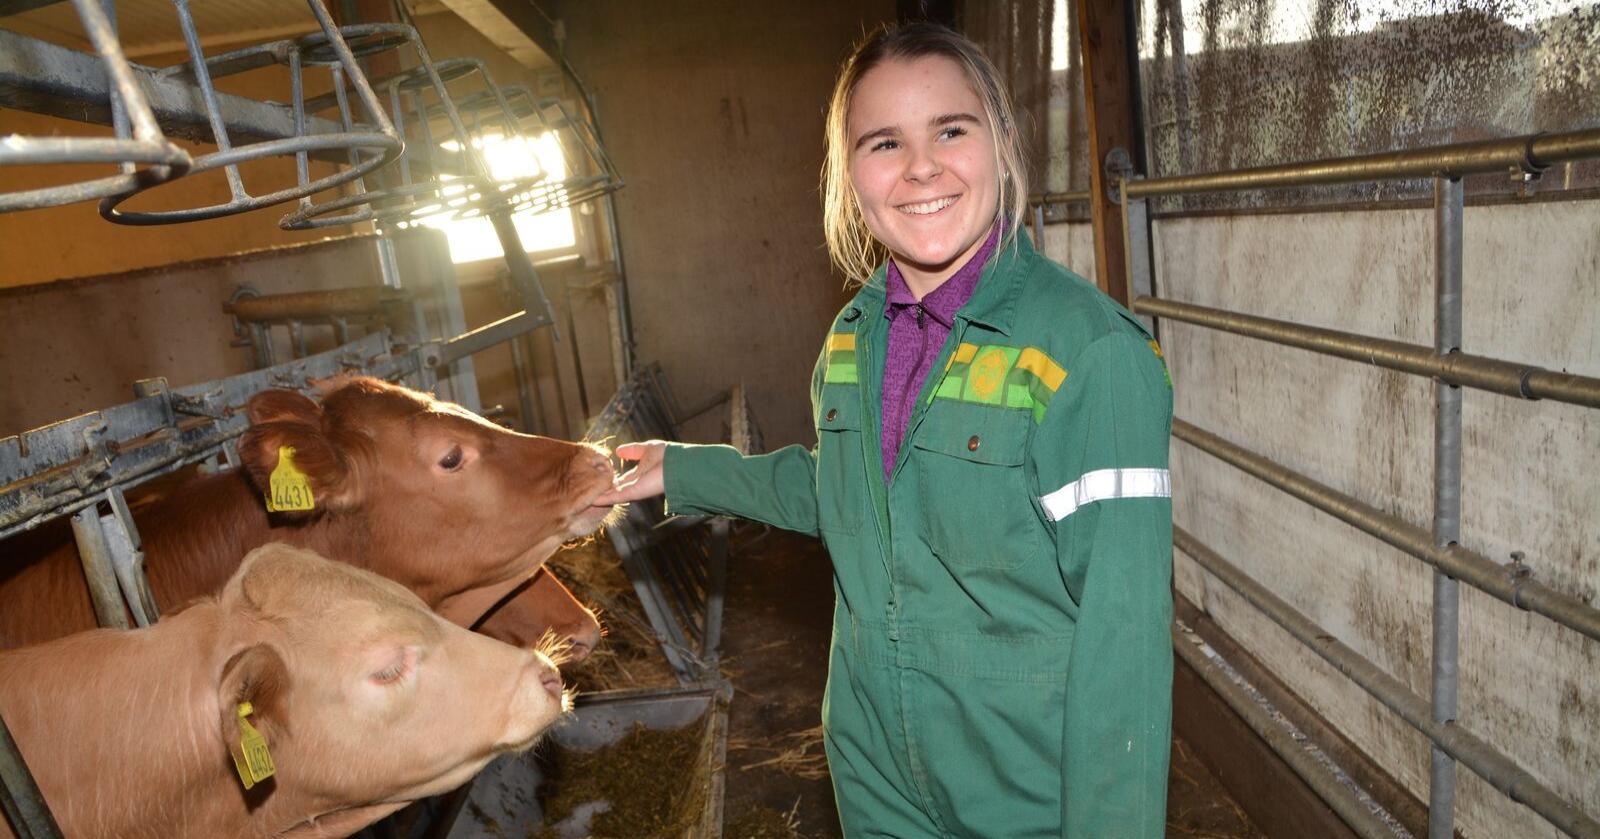 – Jeg vet at jeg vil få en jobb innenfor landbruket. Allerede er jeg helgeavløser for en grisebonde, og derfra er det millioner av muligheter, sier Landbruk Vg3 (Agronom)-elev ved Melsom vgs i Vestfold. Foto: Anders Sandbu